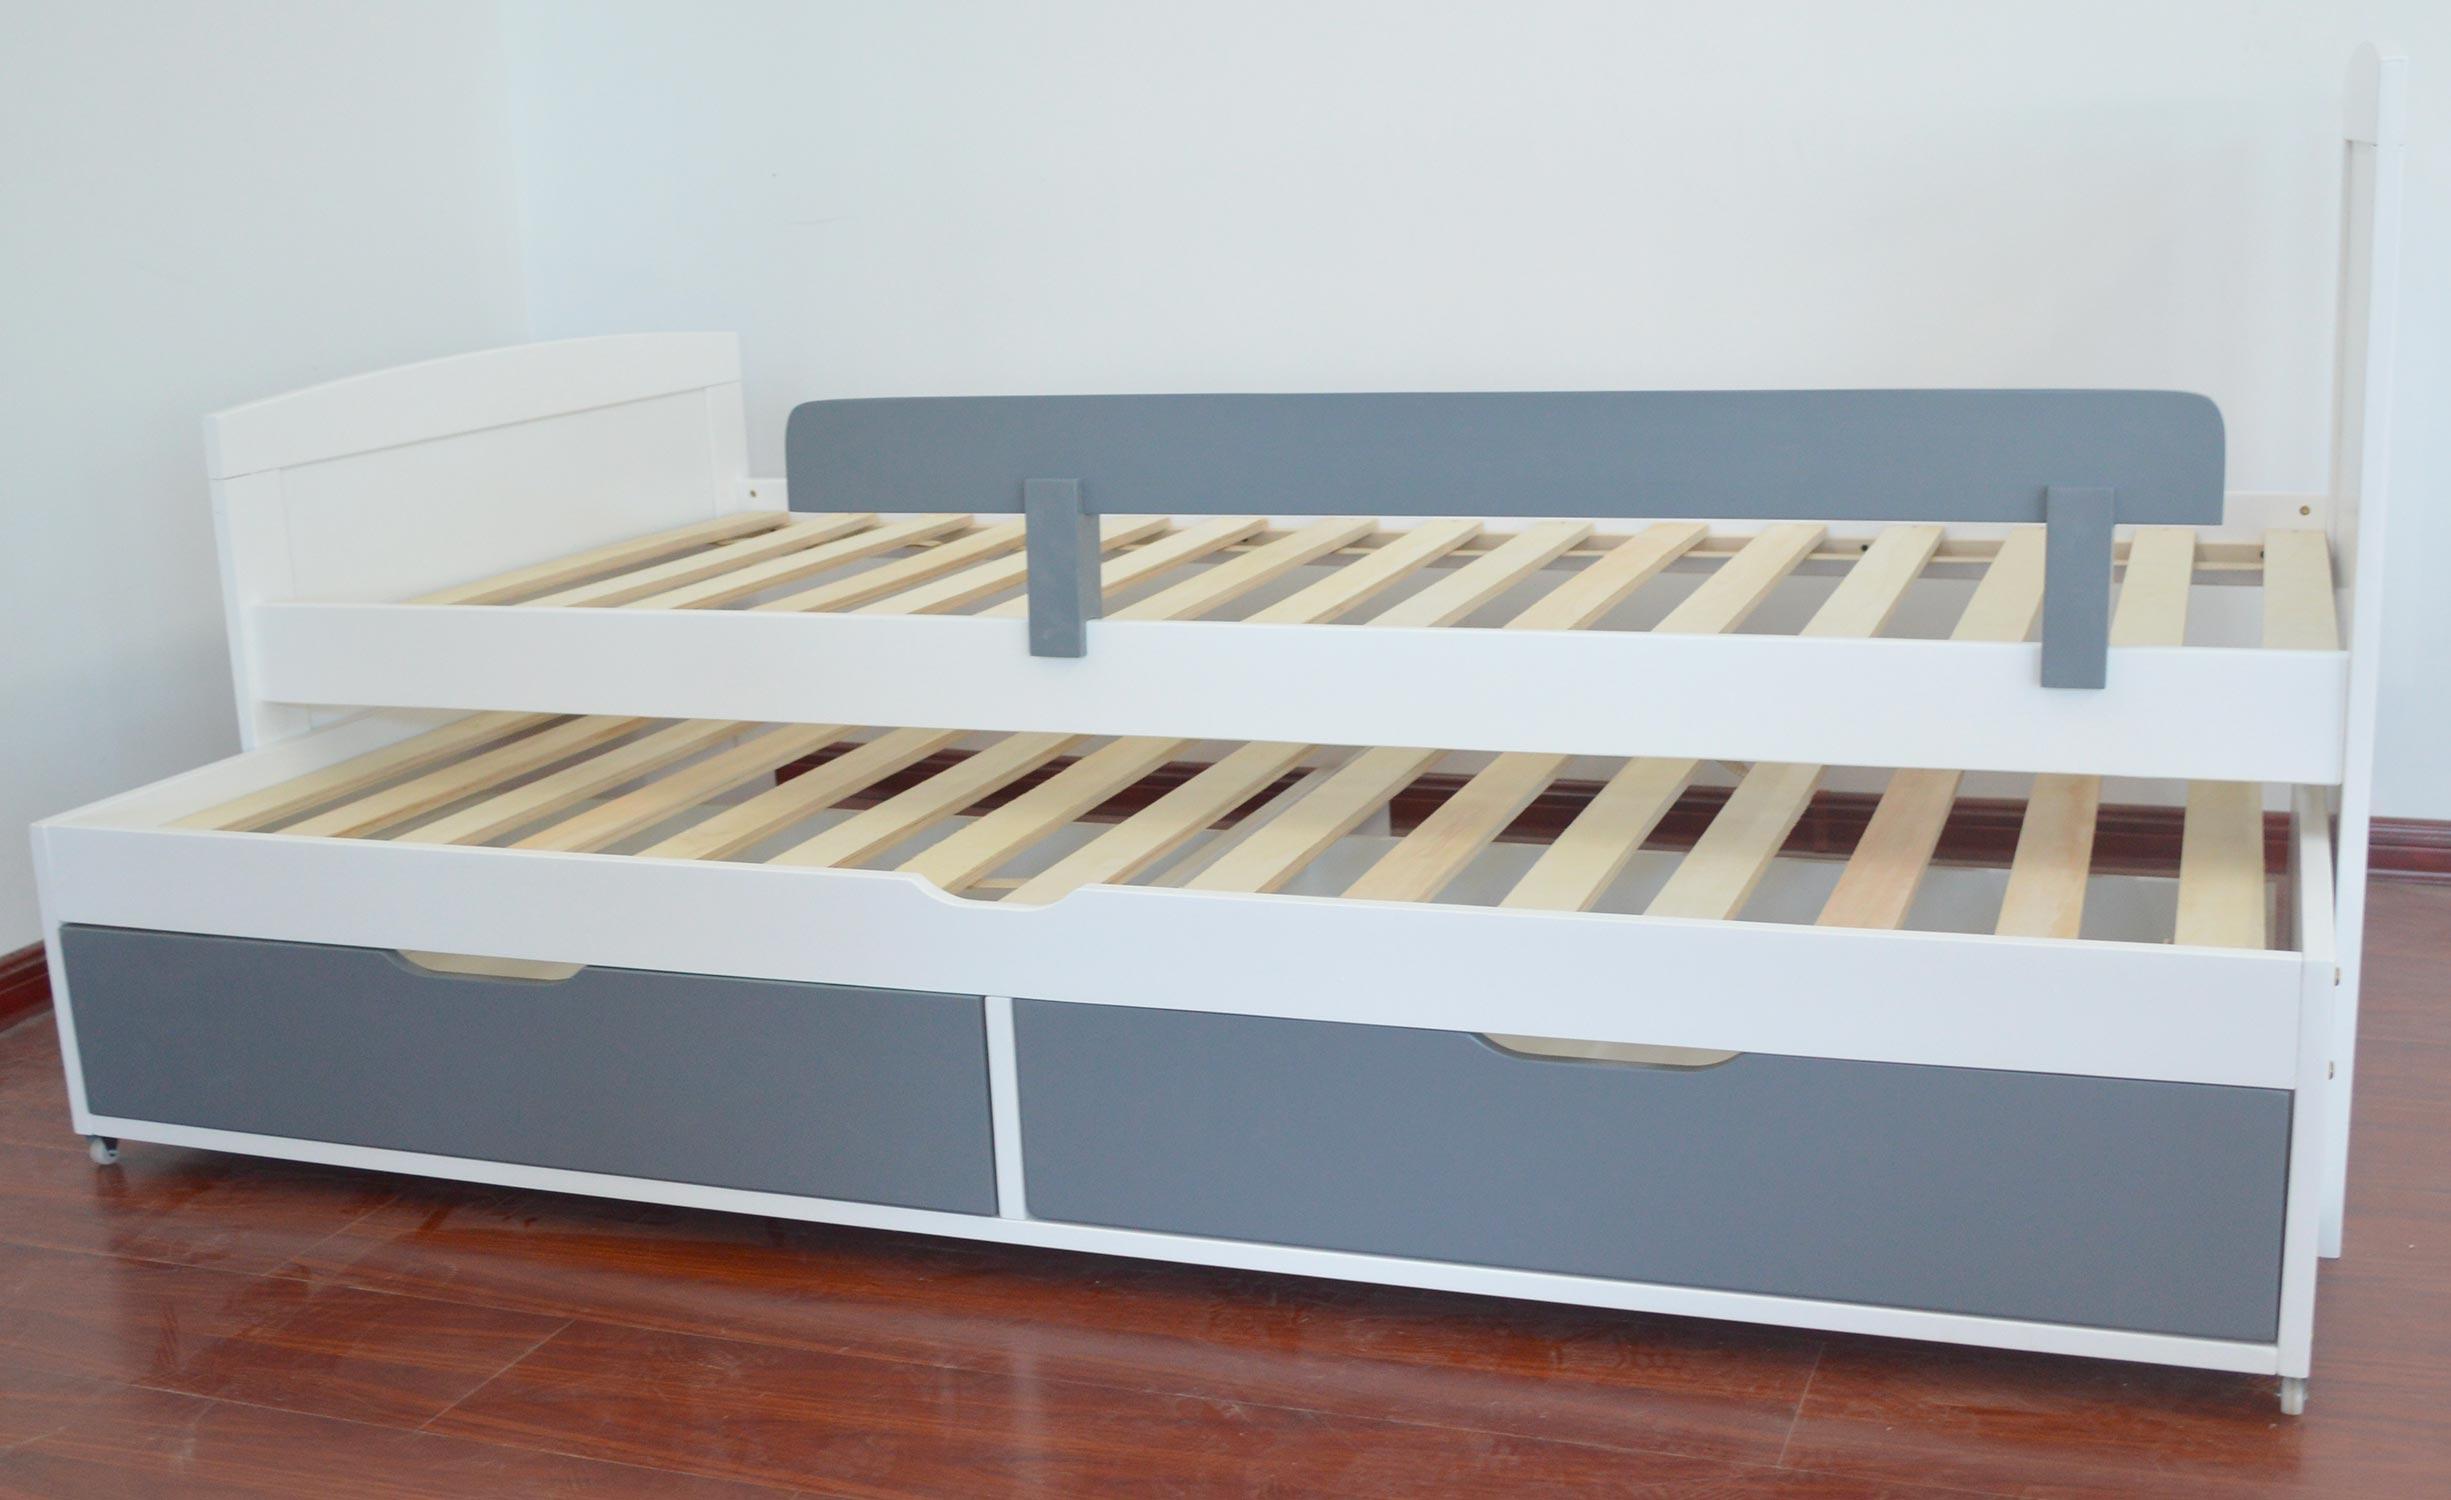 Patapon Ausziehbett für Kinder mit Lattenrost und Bettkästen Weiß & Grau